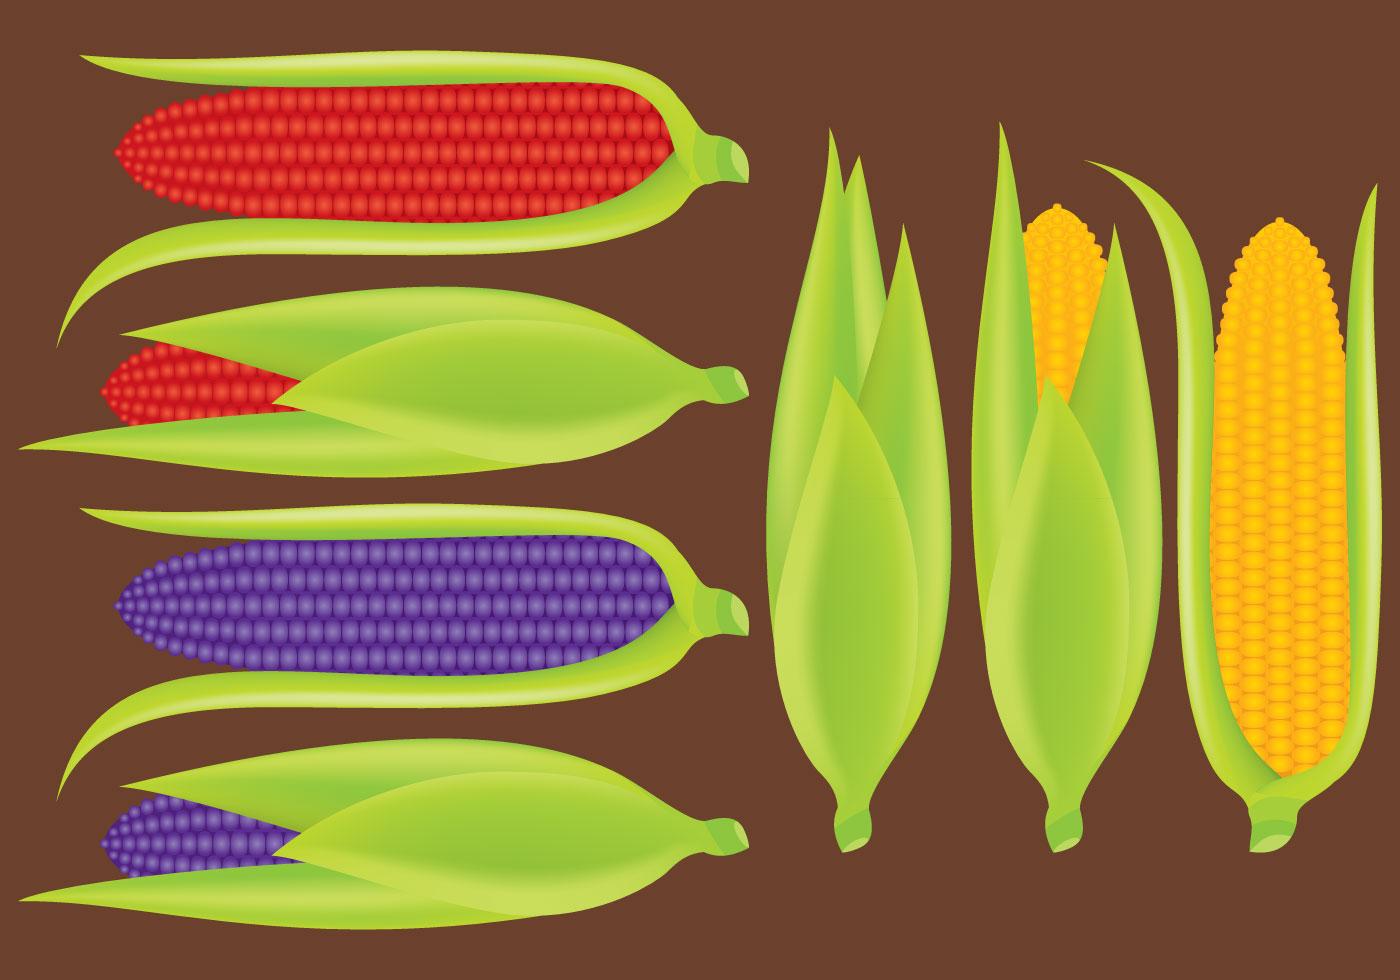 corn stalk template - ears of corn vectors download free vector art stock